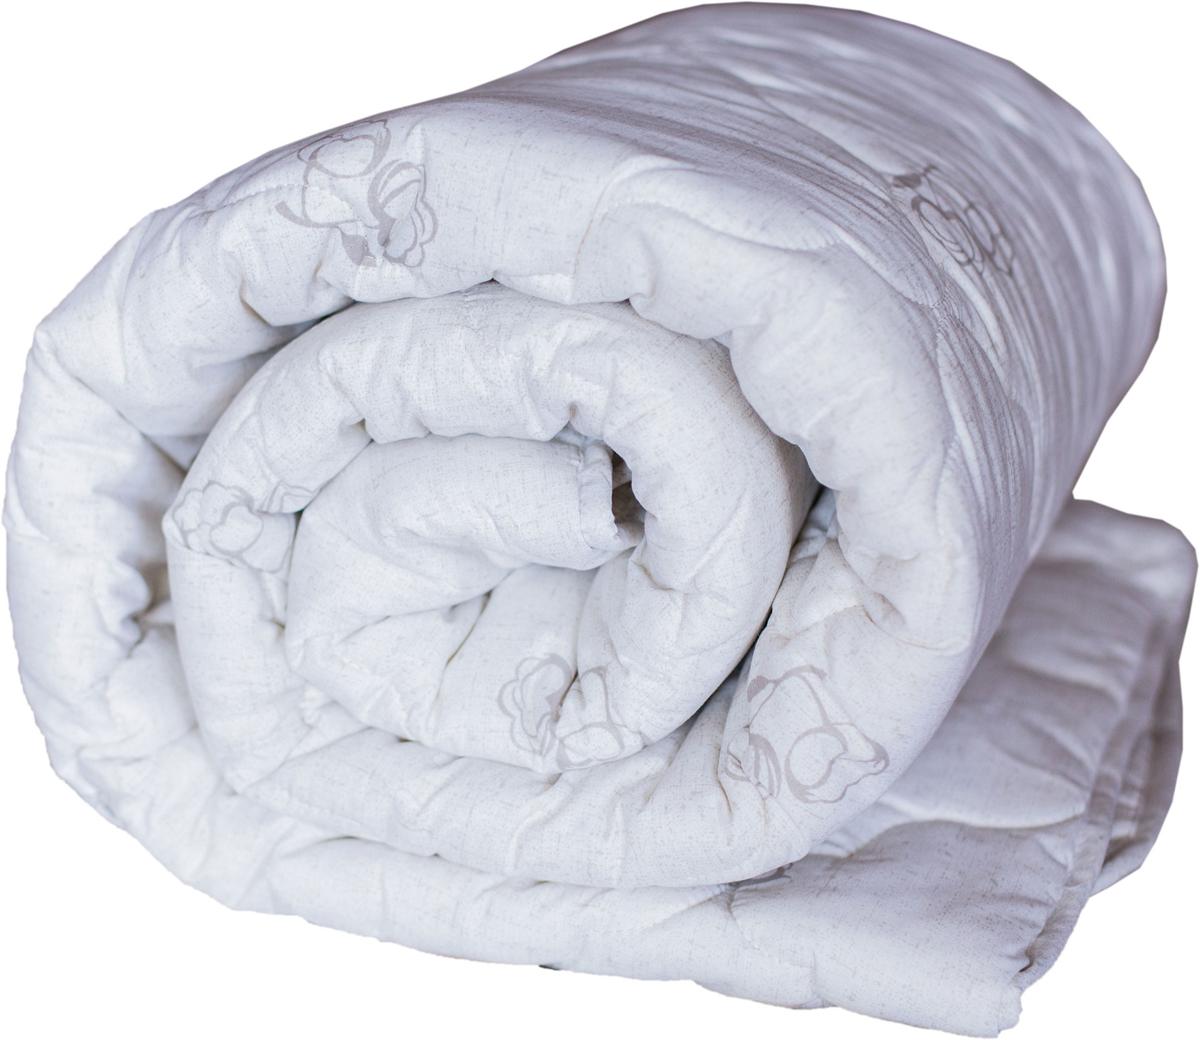 Изделия из хлопкового волокна ценят за их мягкость и теплоту.  Хлопок это здоровый натуральный природный материал, он хорошо регулирует температуру, согревая тело во время сна.  Одеяла из ткани поликоттон гладкокрашеный с фирменной стежкой и дизайном.  Окантованы изделия косой бейкой. Изделие пышное, легкое и очень теплое.